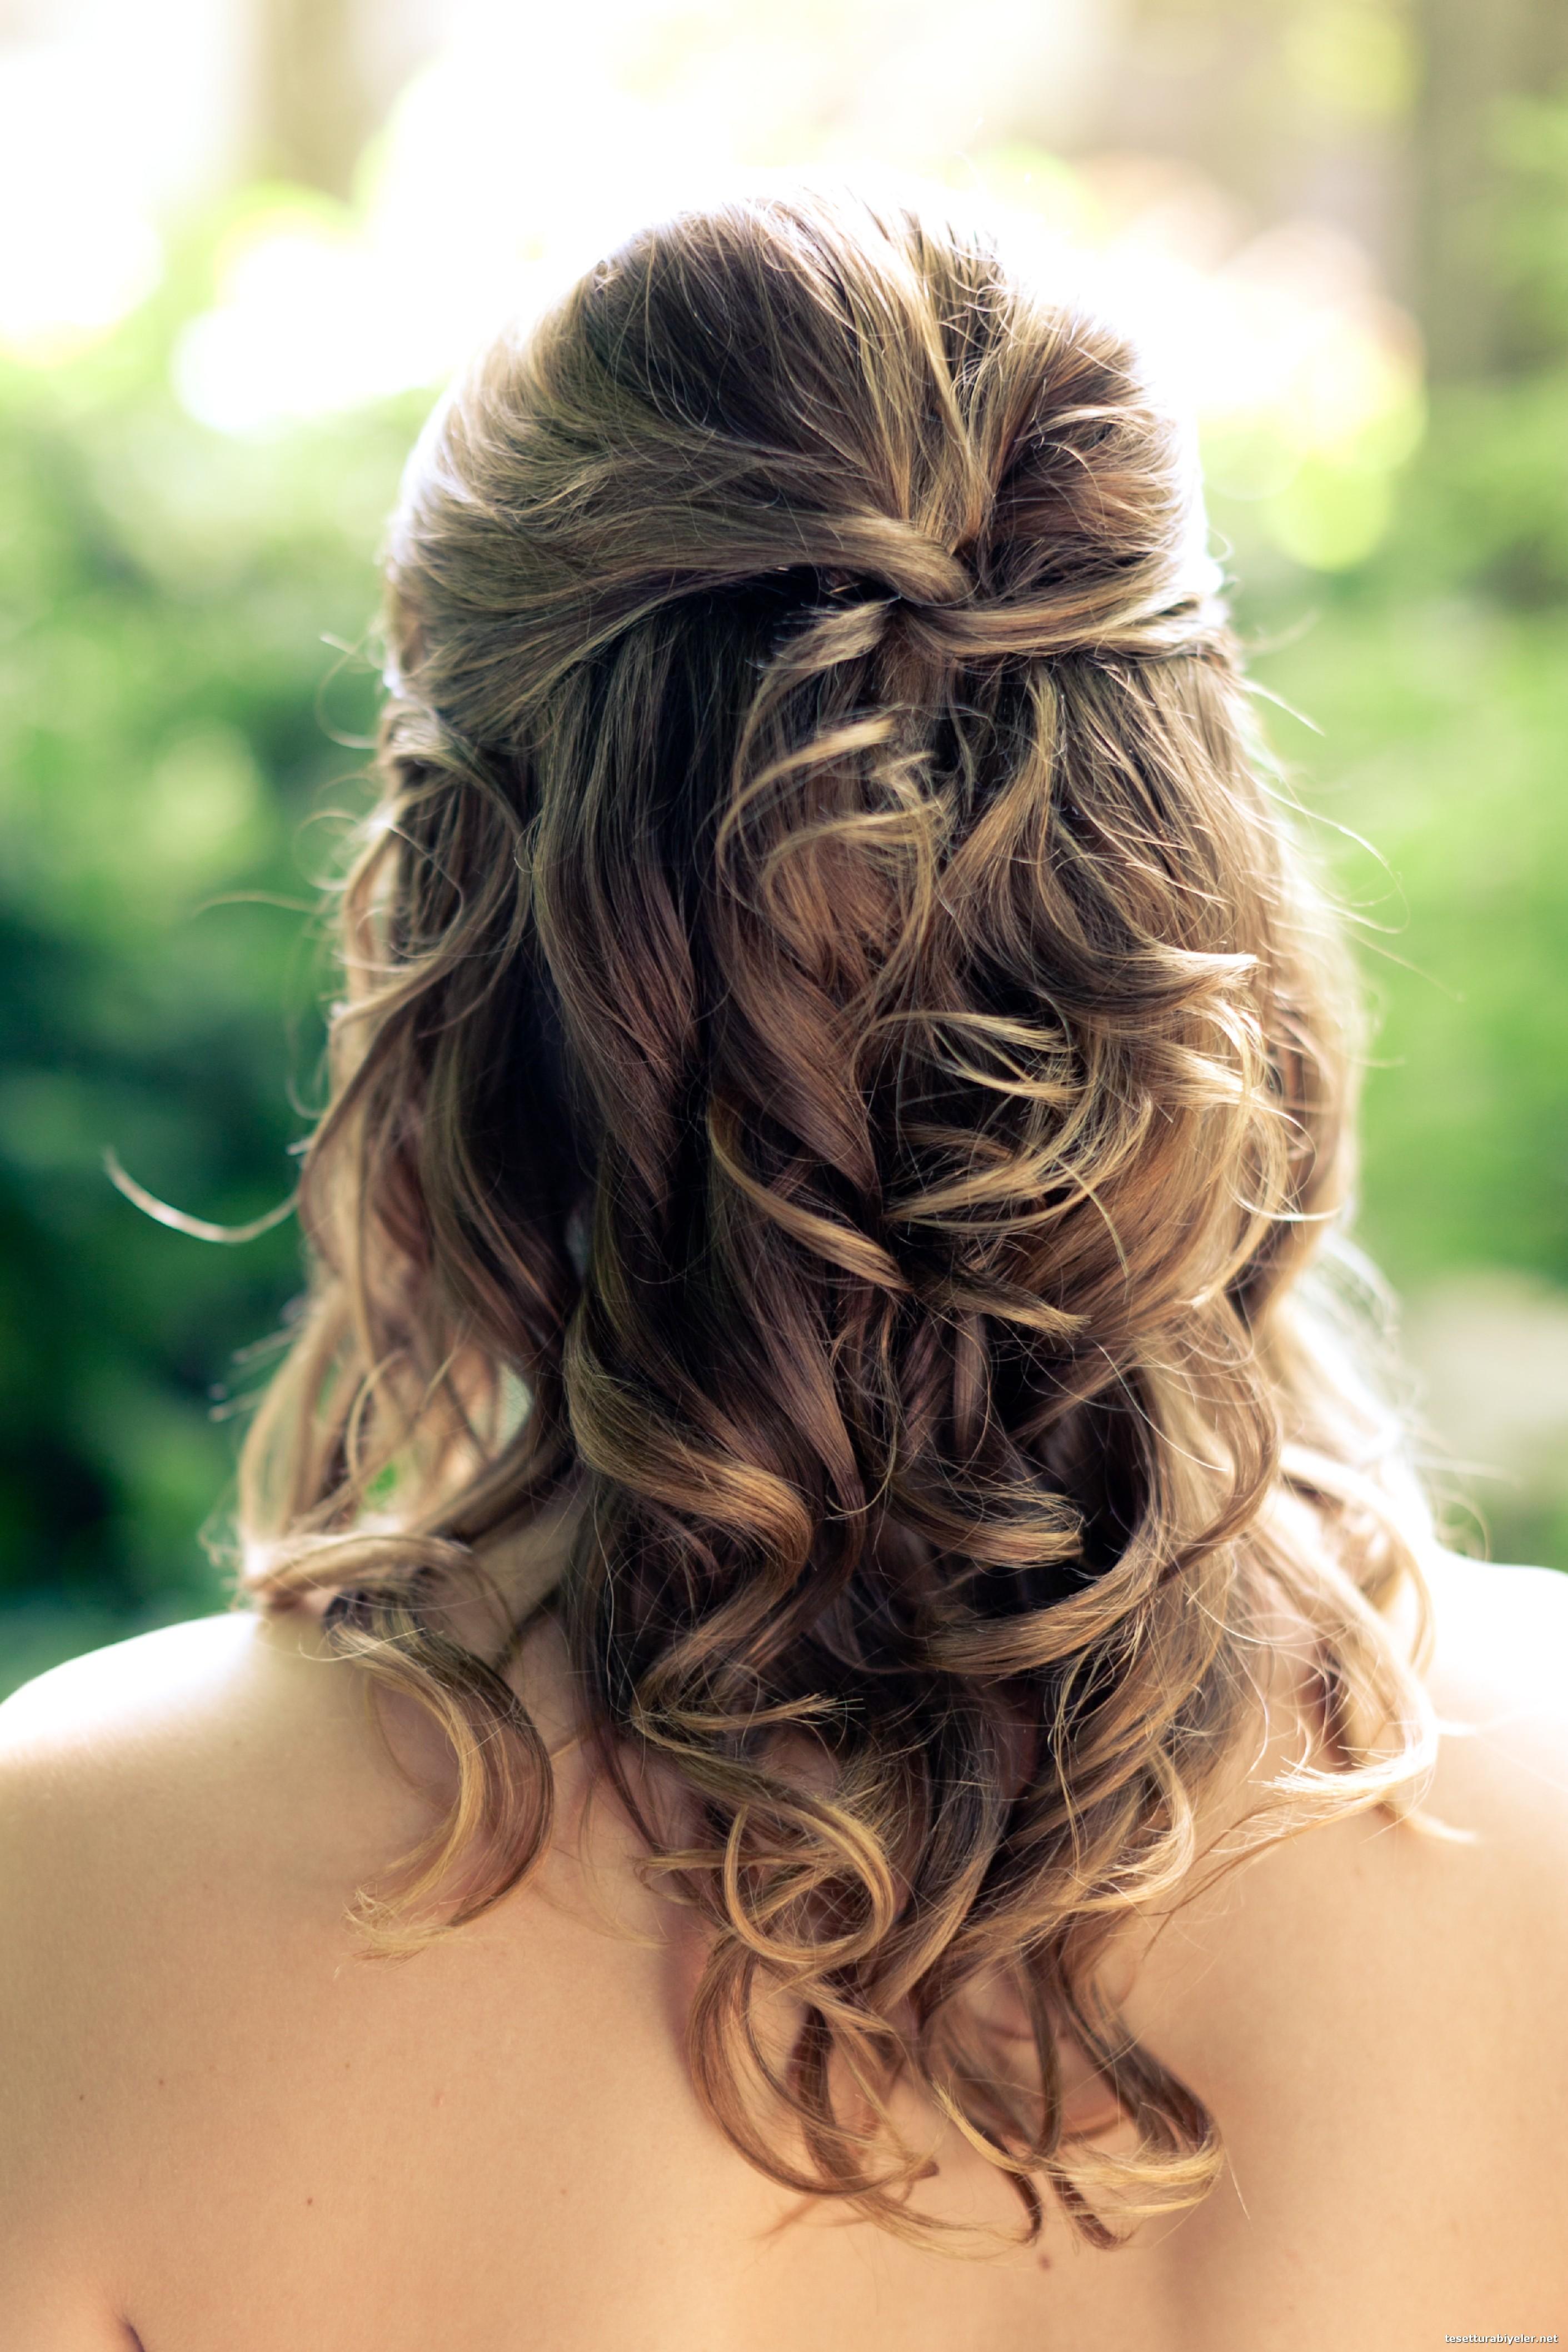 Abiye Yandan, Salık, Aksesuarlı Saç Modelleri